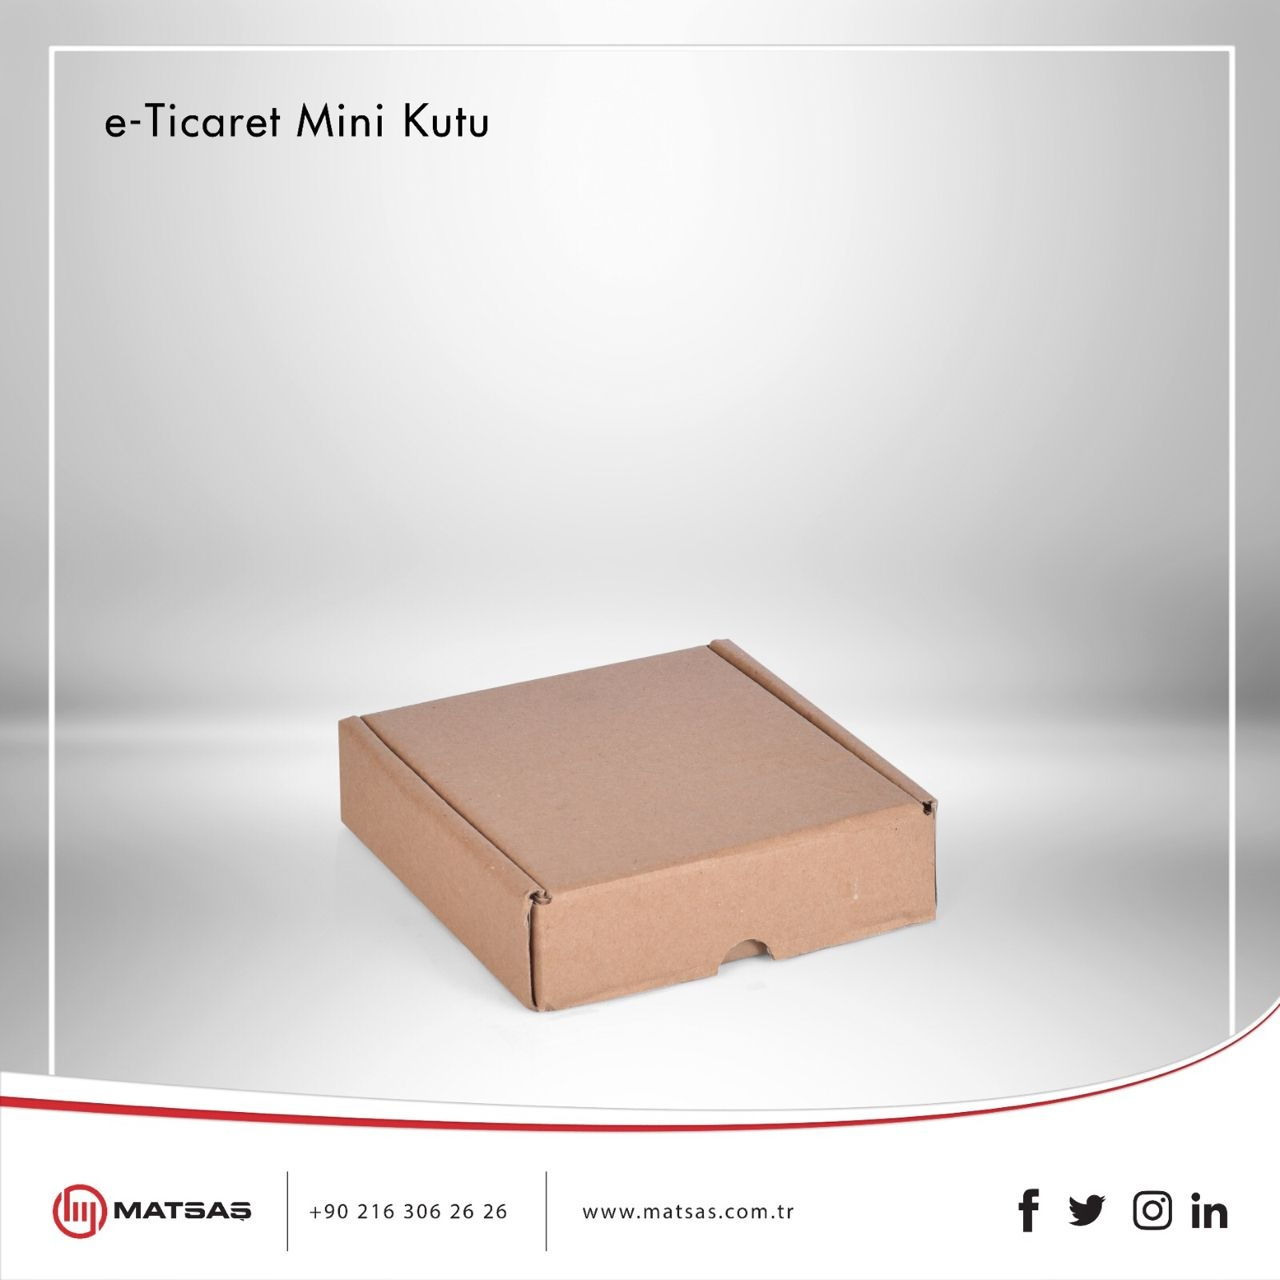 e-Ticaret Mini Kutu